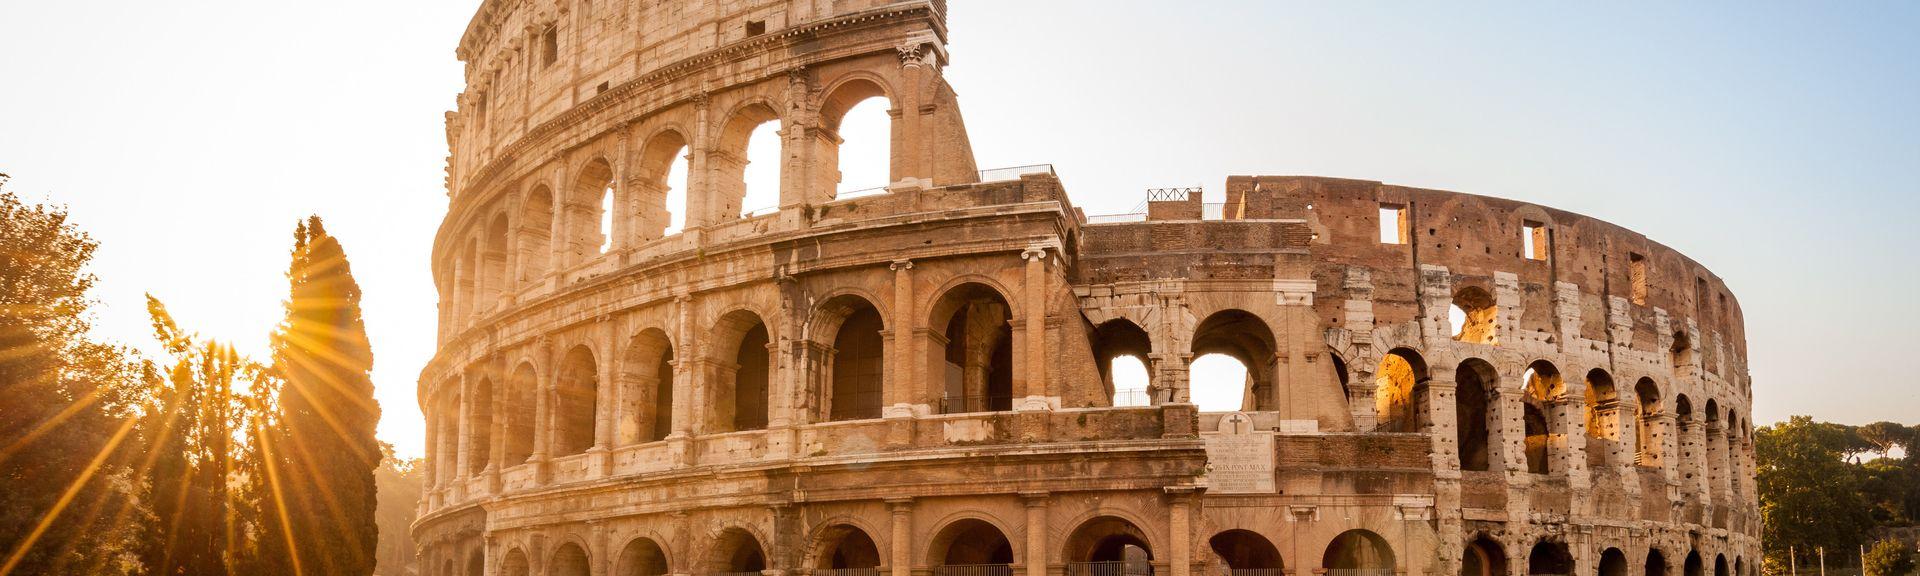 Rzym, Lacjum, Włochy